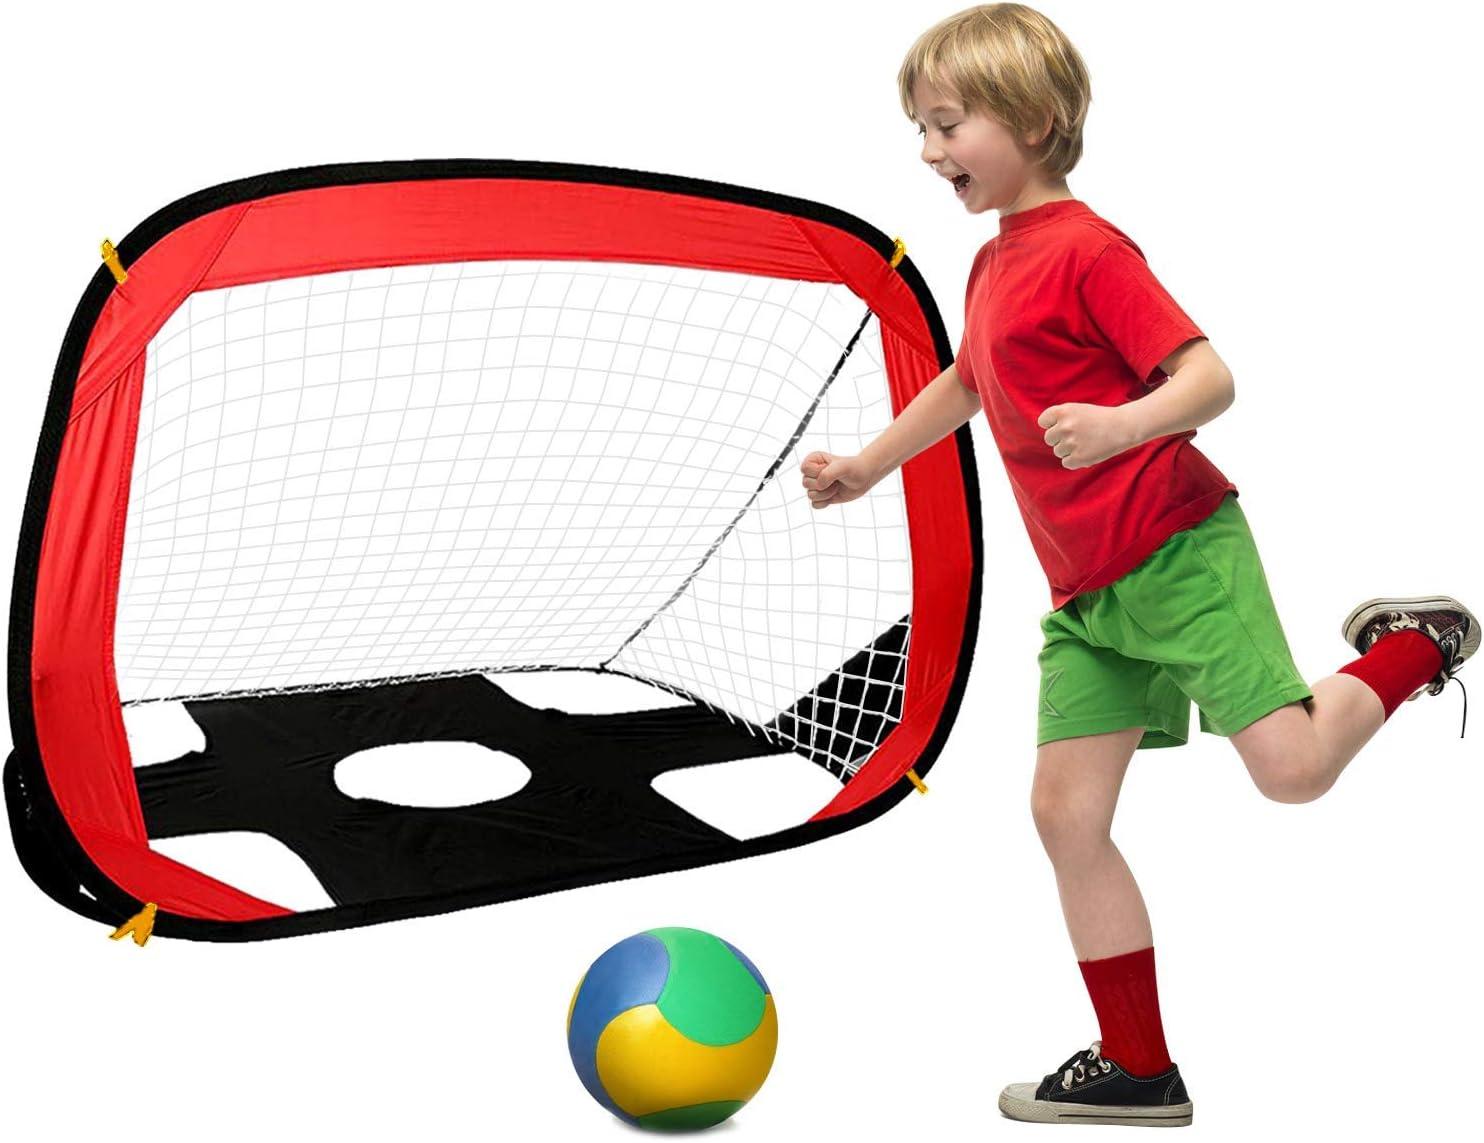 Porterías de fútbol para niños, 110 x 80 x 80cm Portería de fútbol ...